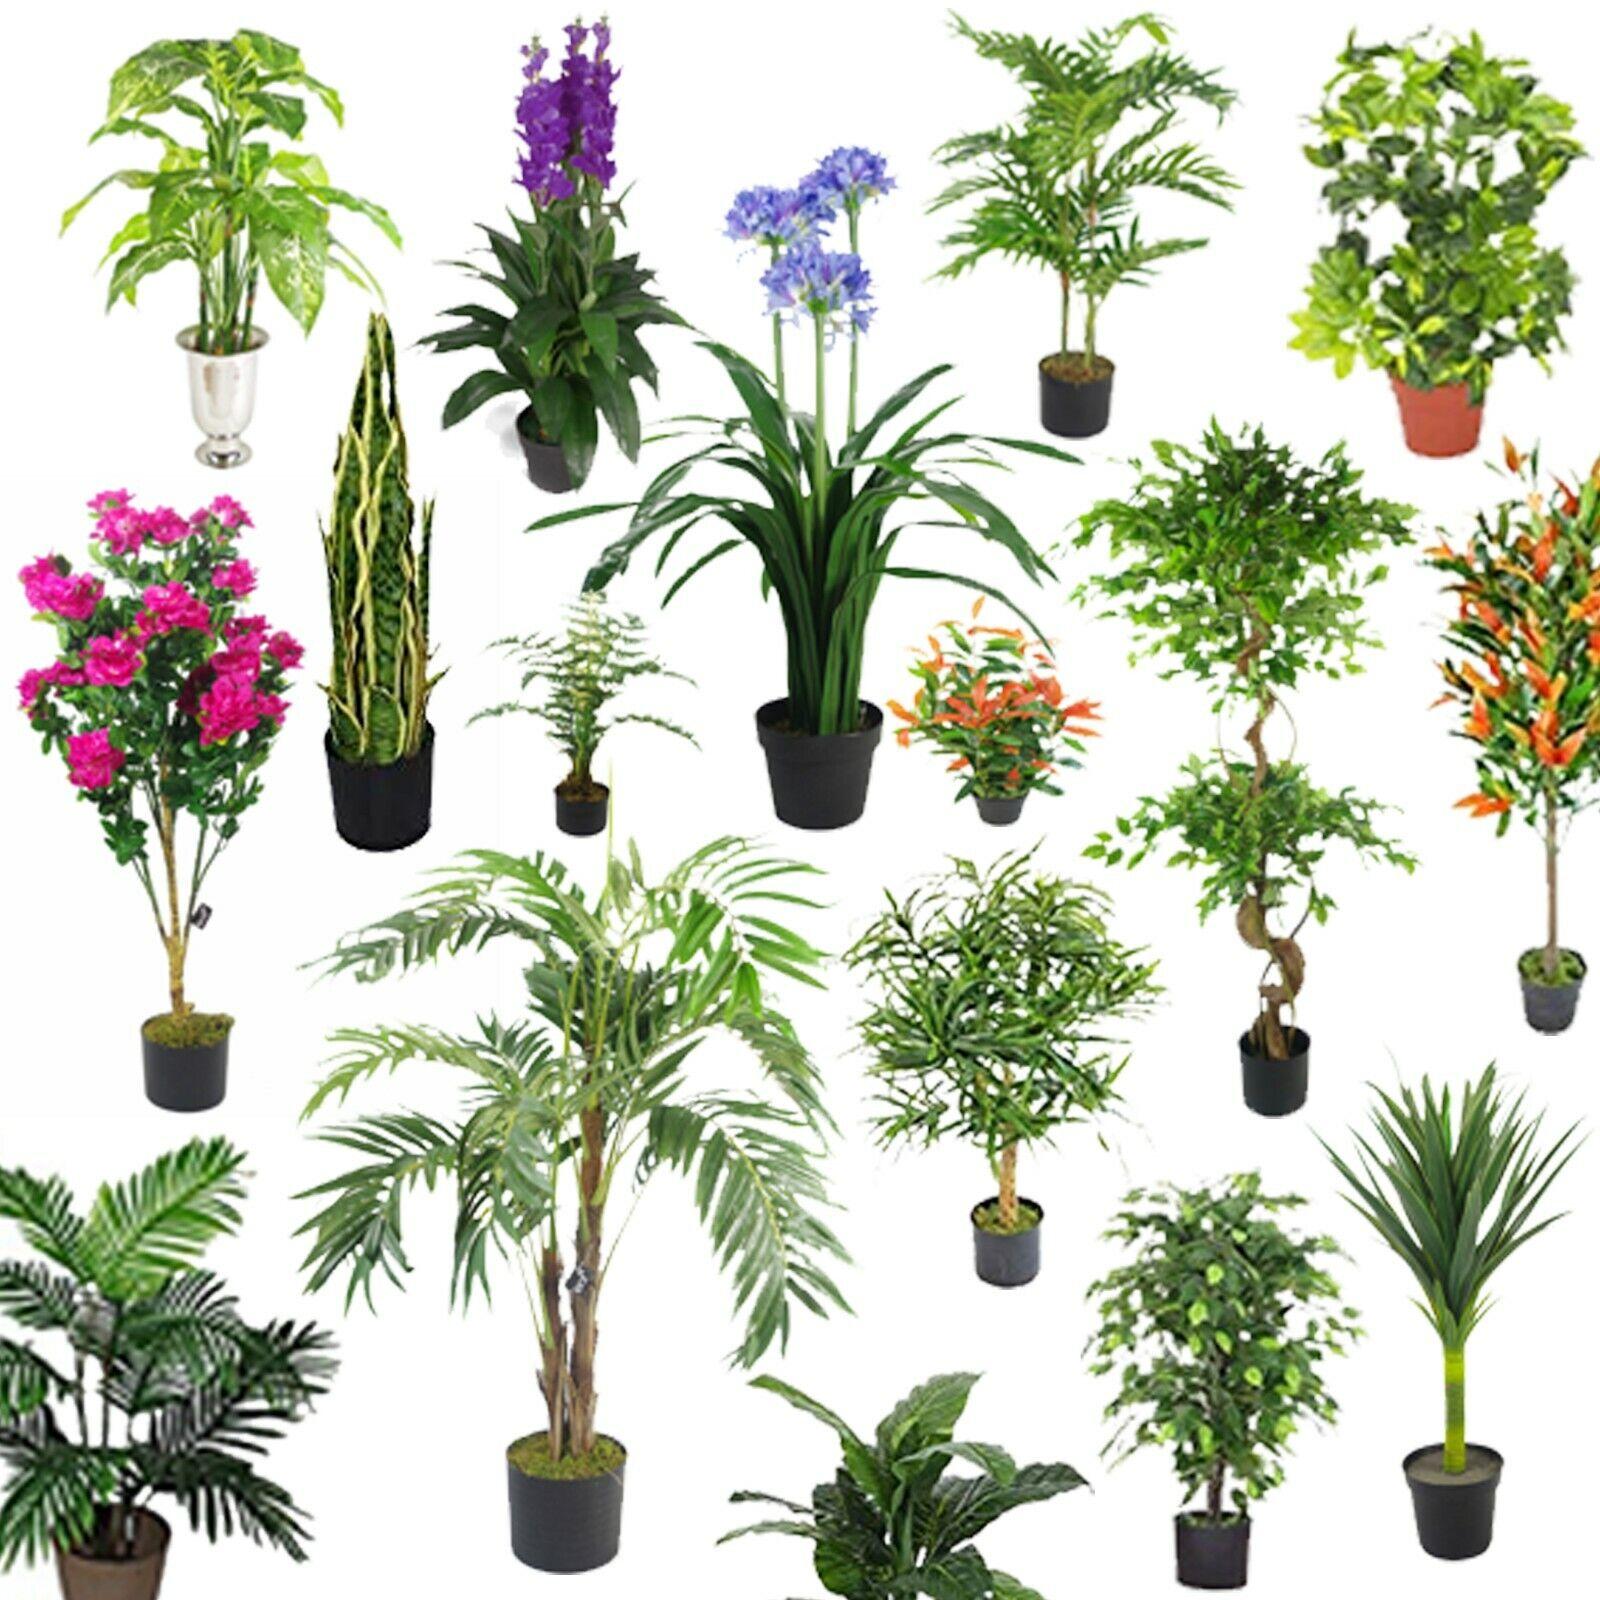 Groß Künstlich Palmbäume, Fikus Pflanzen, Bambus Tropisch Yukka Sehr Realistisch